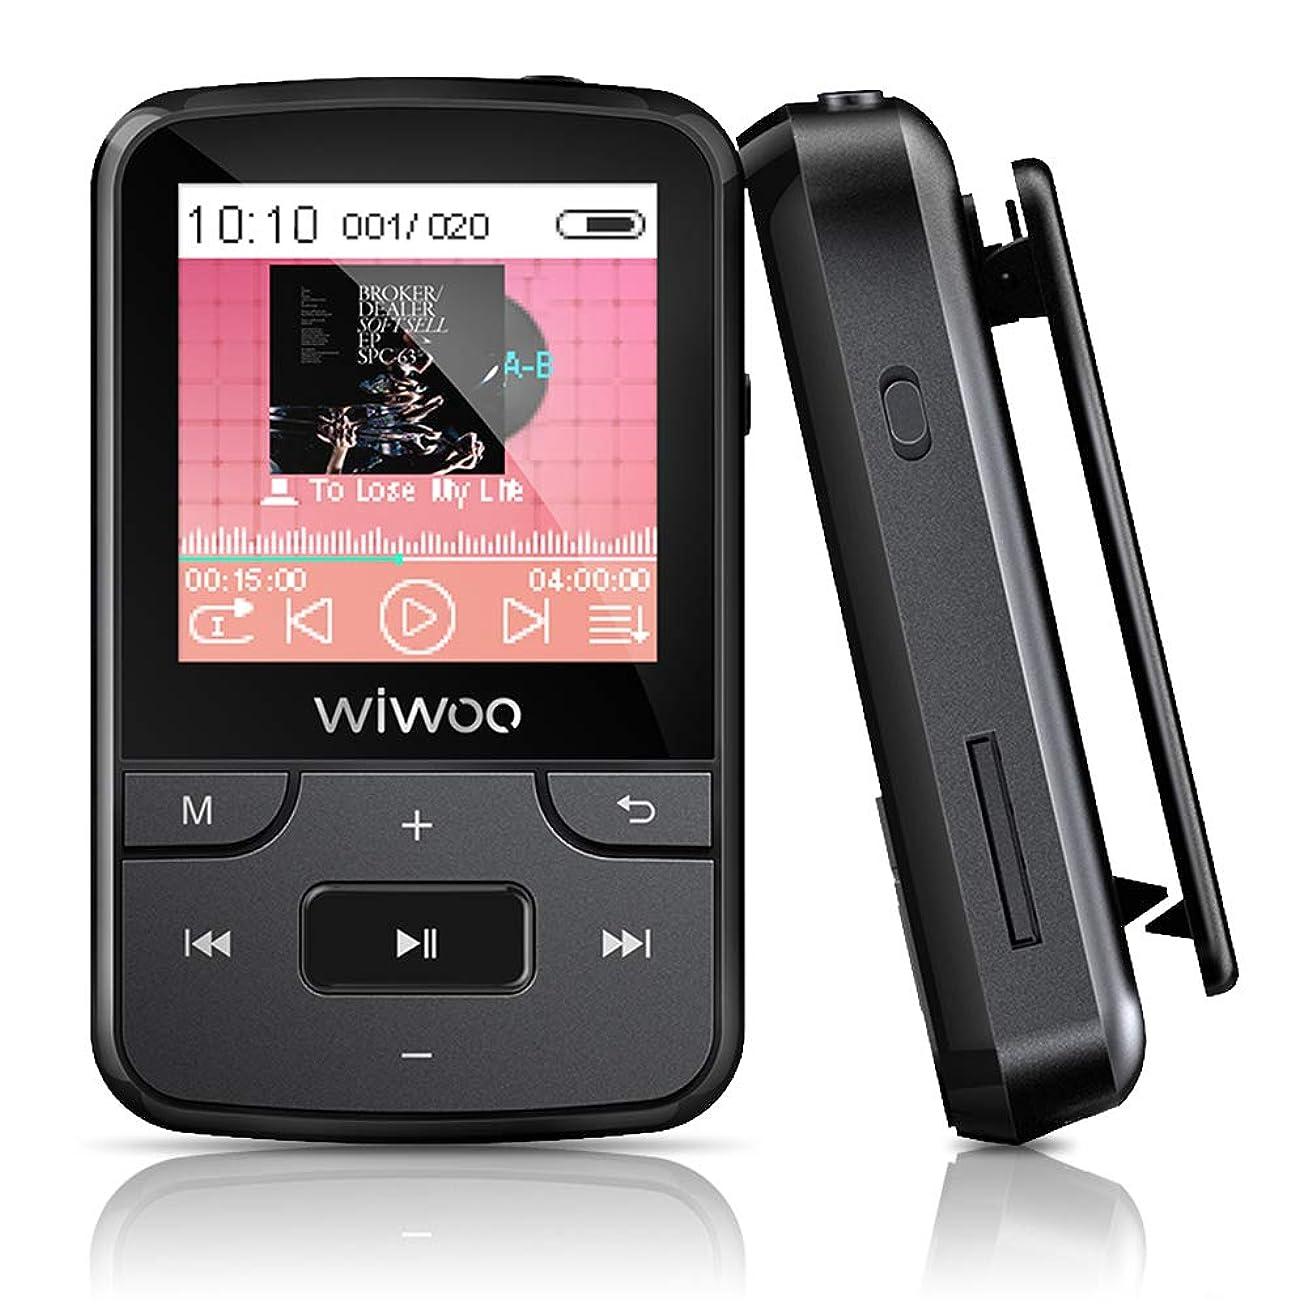 致死ロバ並外れたWiwoo 16GB Bluetooth mp3プレーヤー クリップ 運動音楽プレーヤー イヤホン付き ラジオ 録音 写真 ランニングMP3プレイヤー マイクロSDカード最大128GBに対応